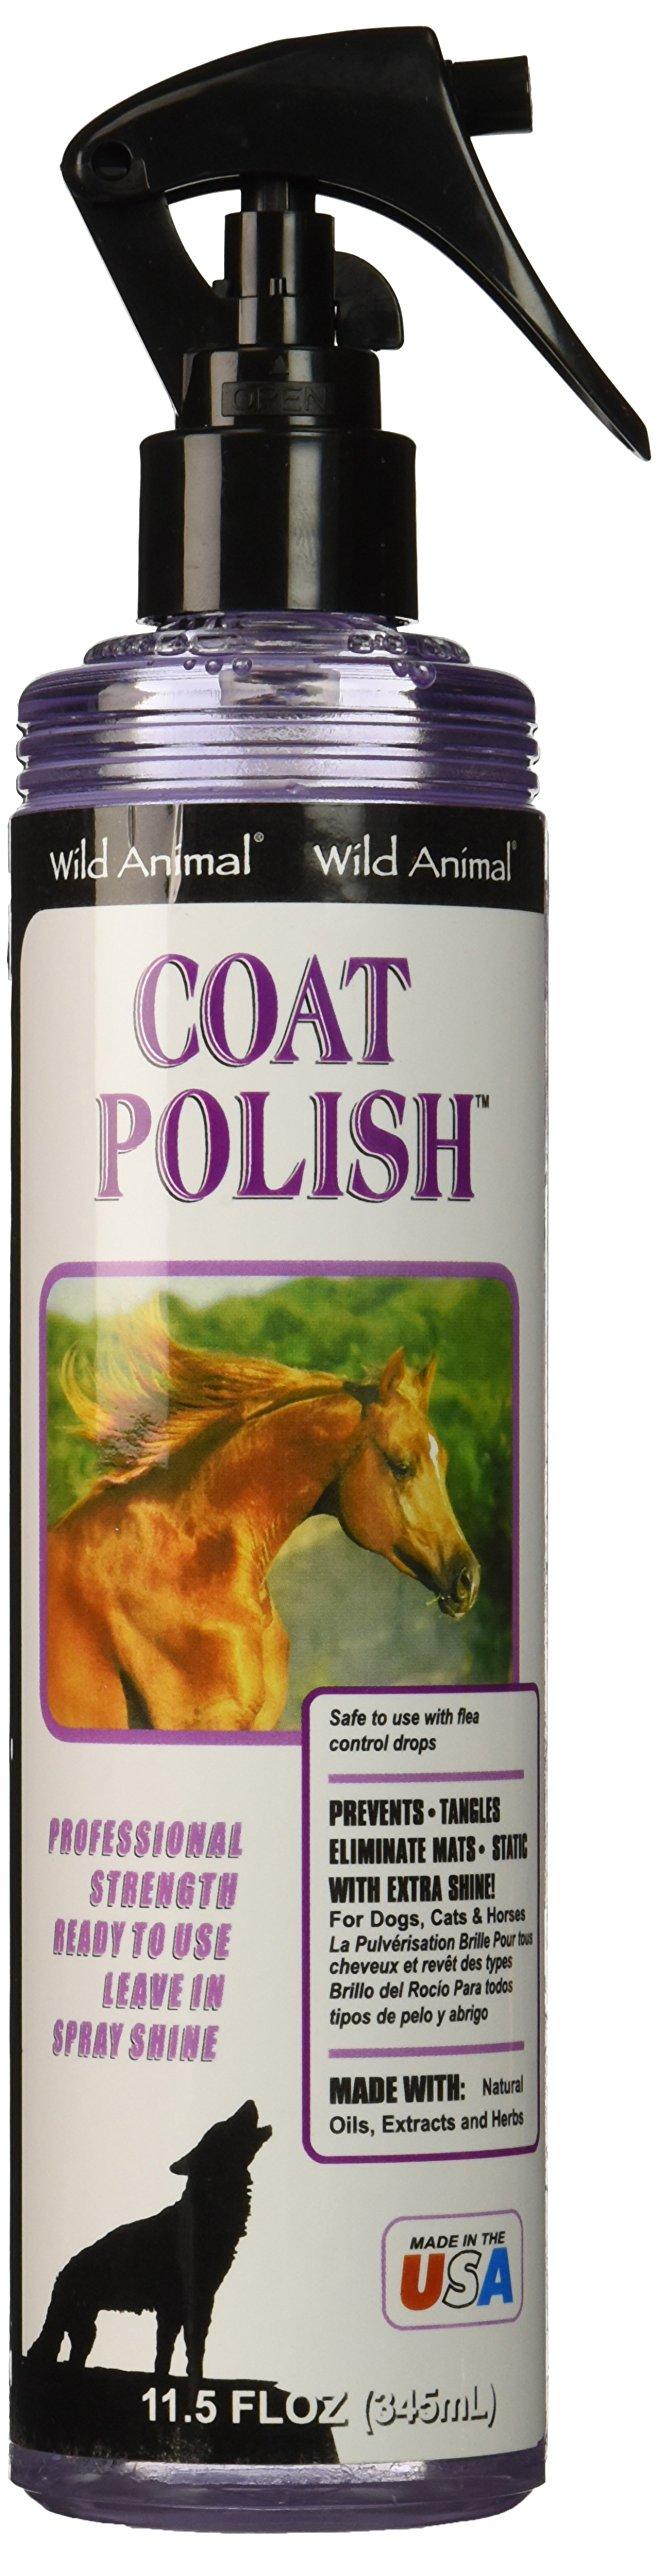 Wild Animal Coat Polish RTU Spray, 11.7 fl. oz.